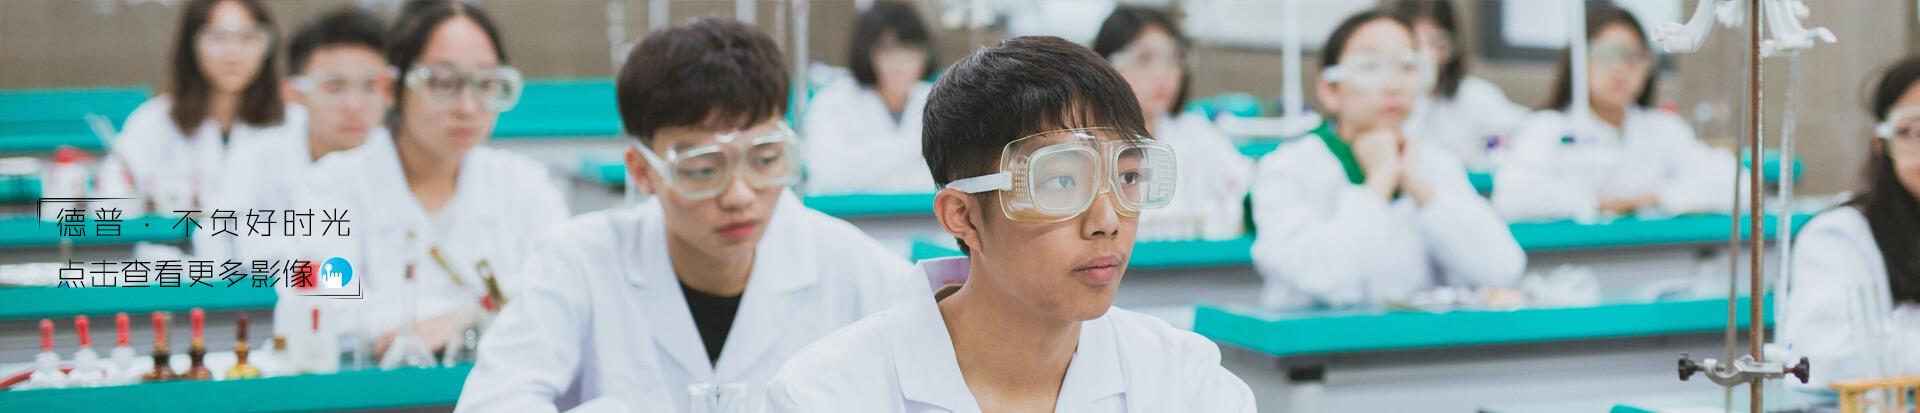 重庆私立学校